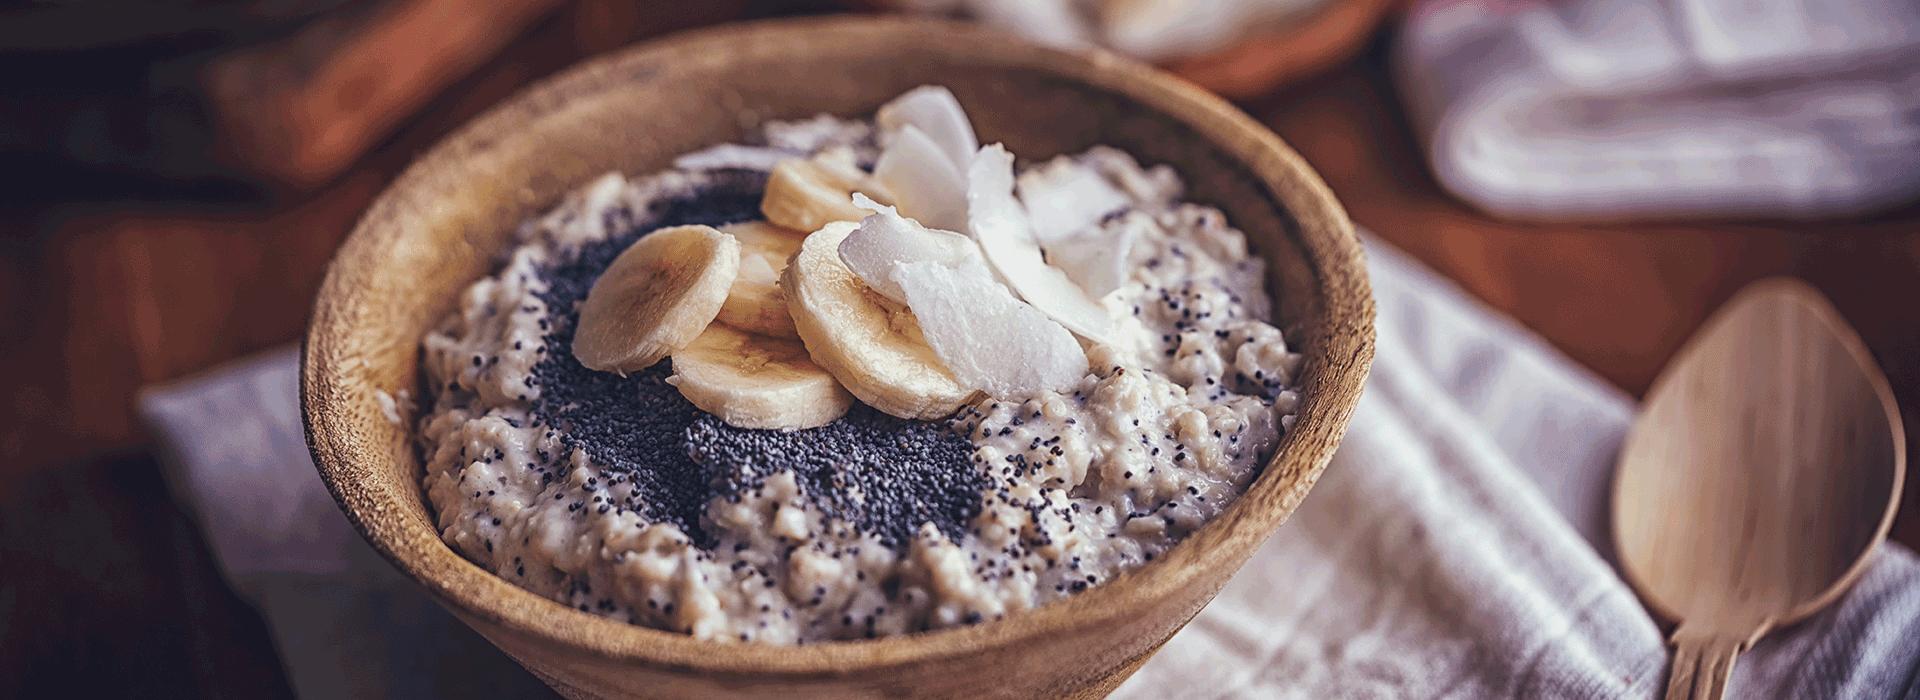 Koelln Wholegrain Oats Porridge